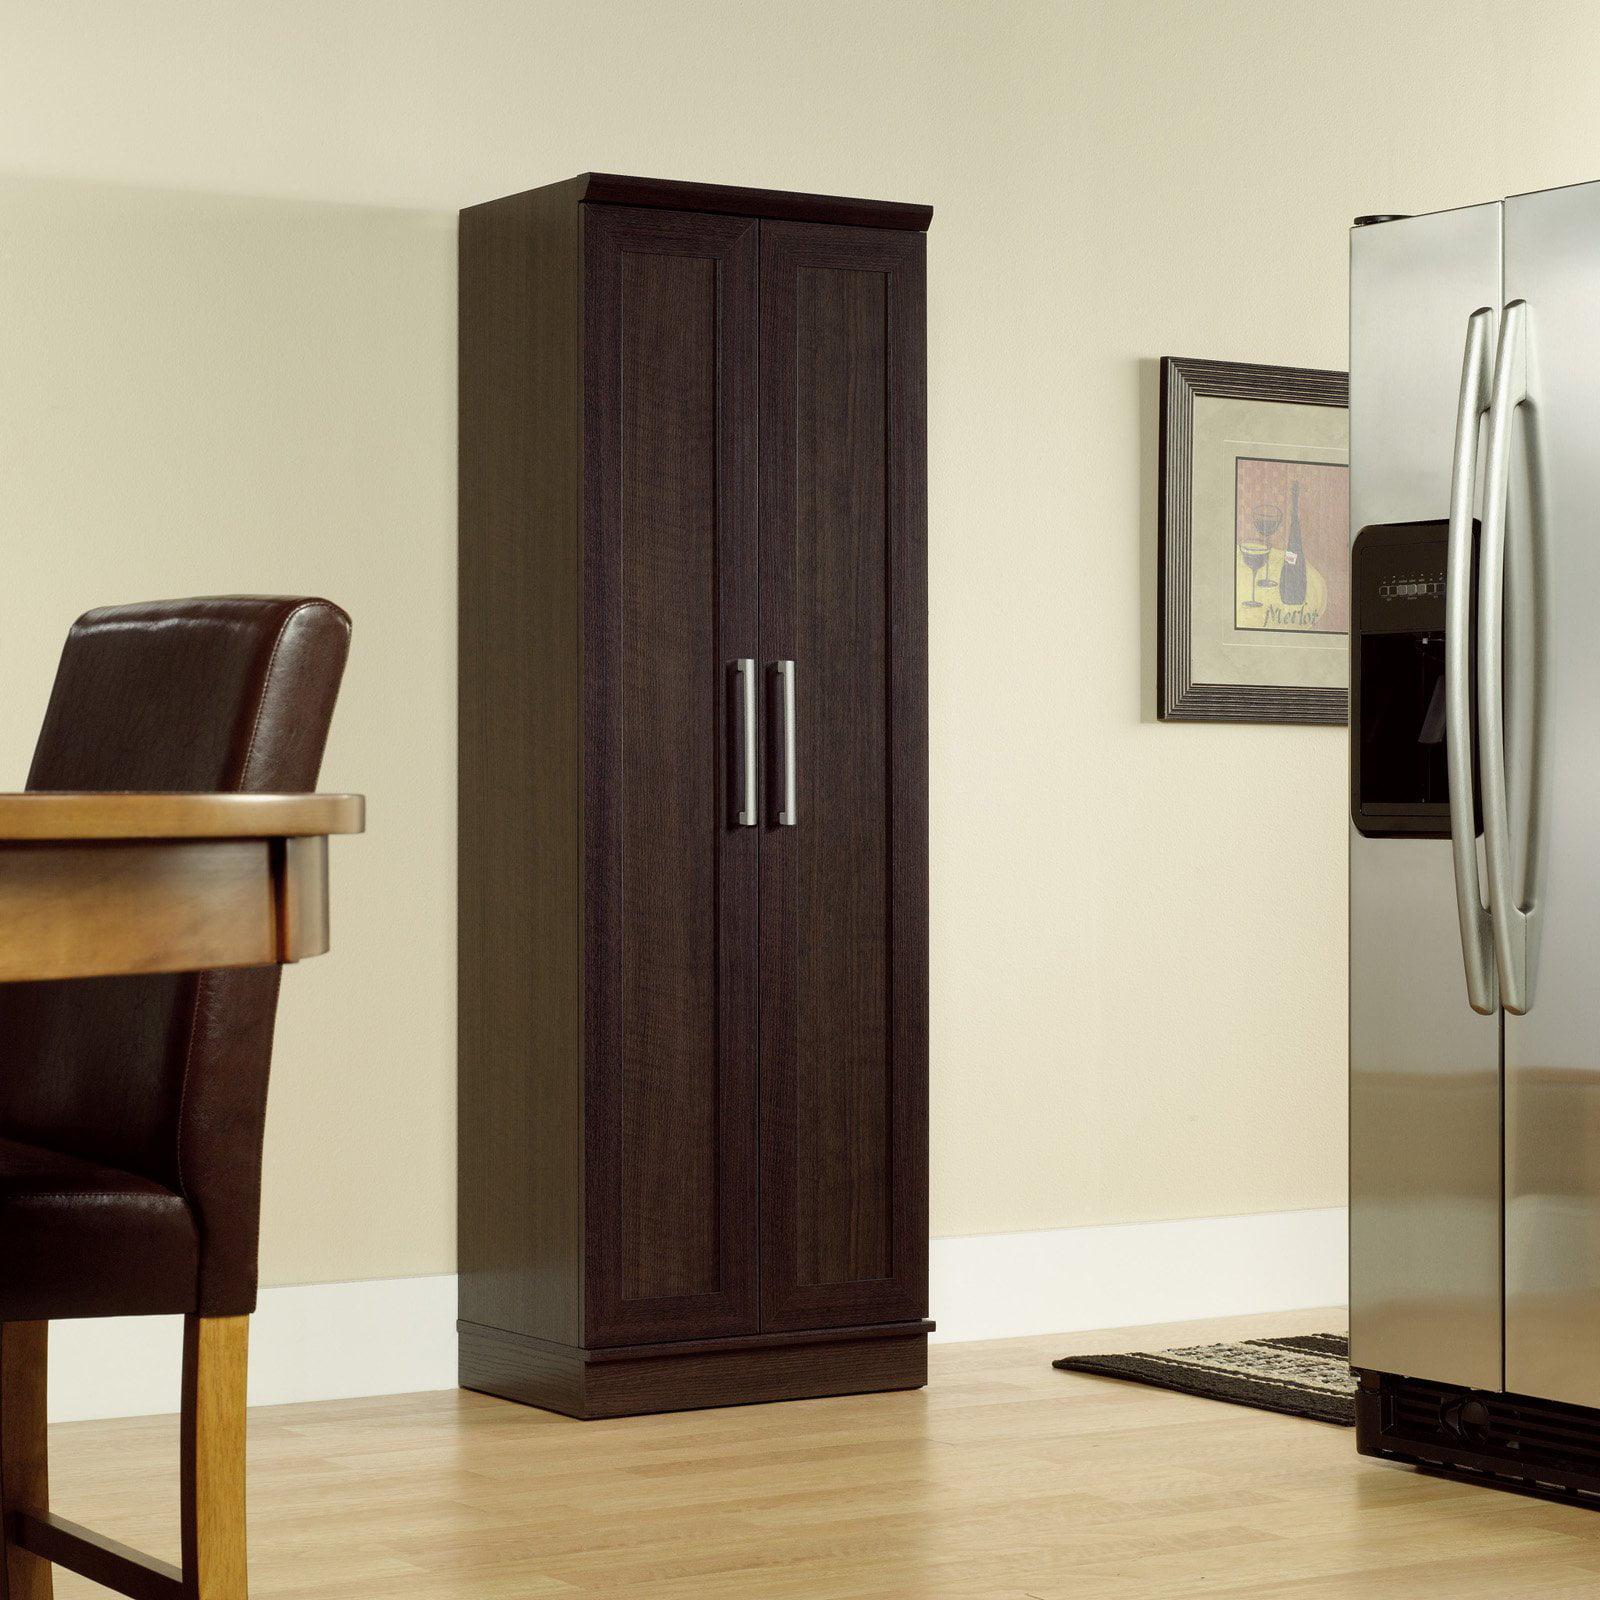 Sauder Homeplus Storage Cabinet - Walmart.com